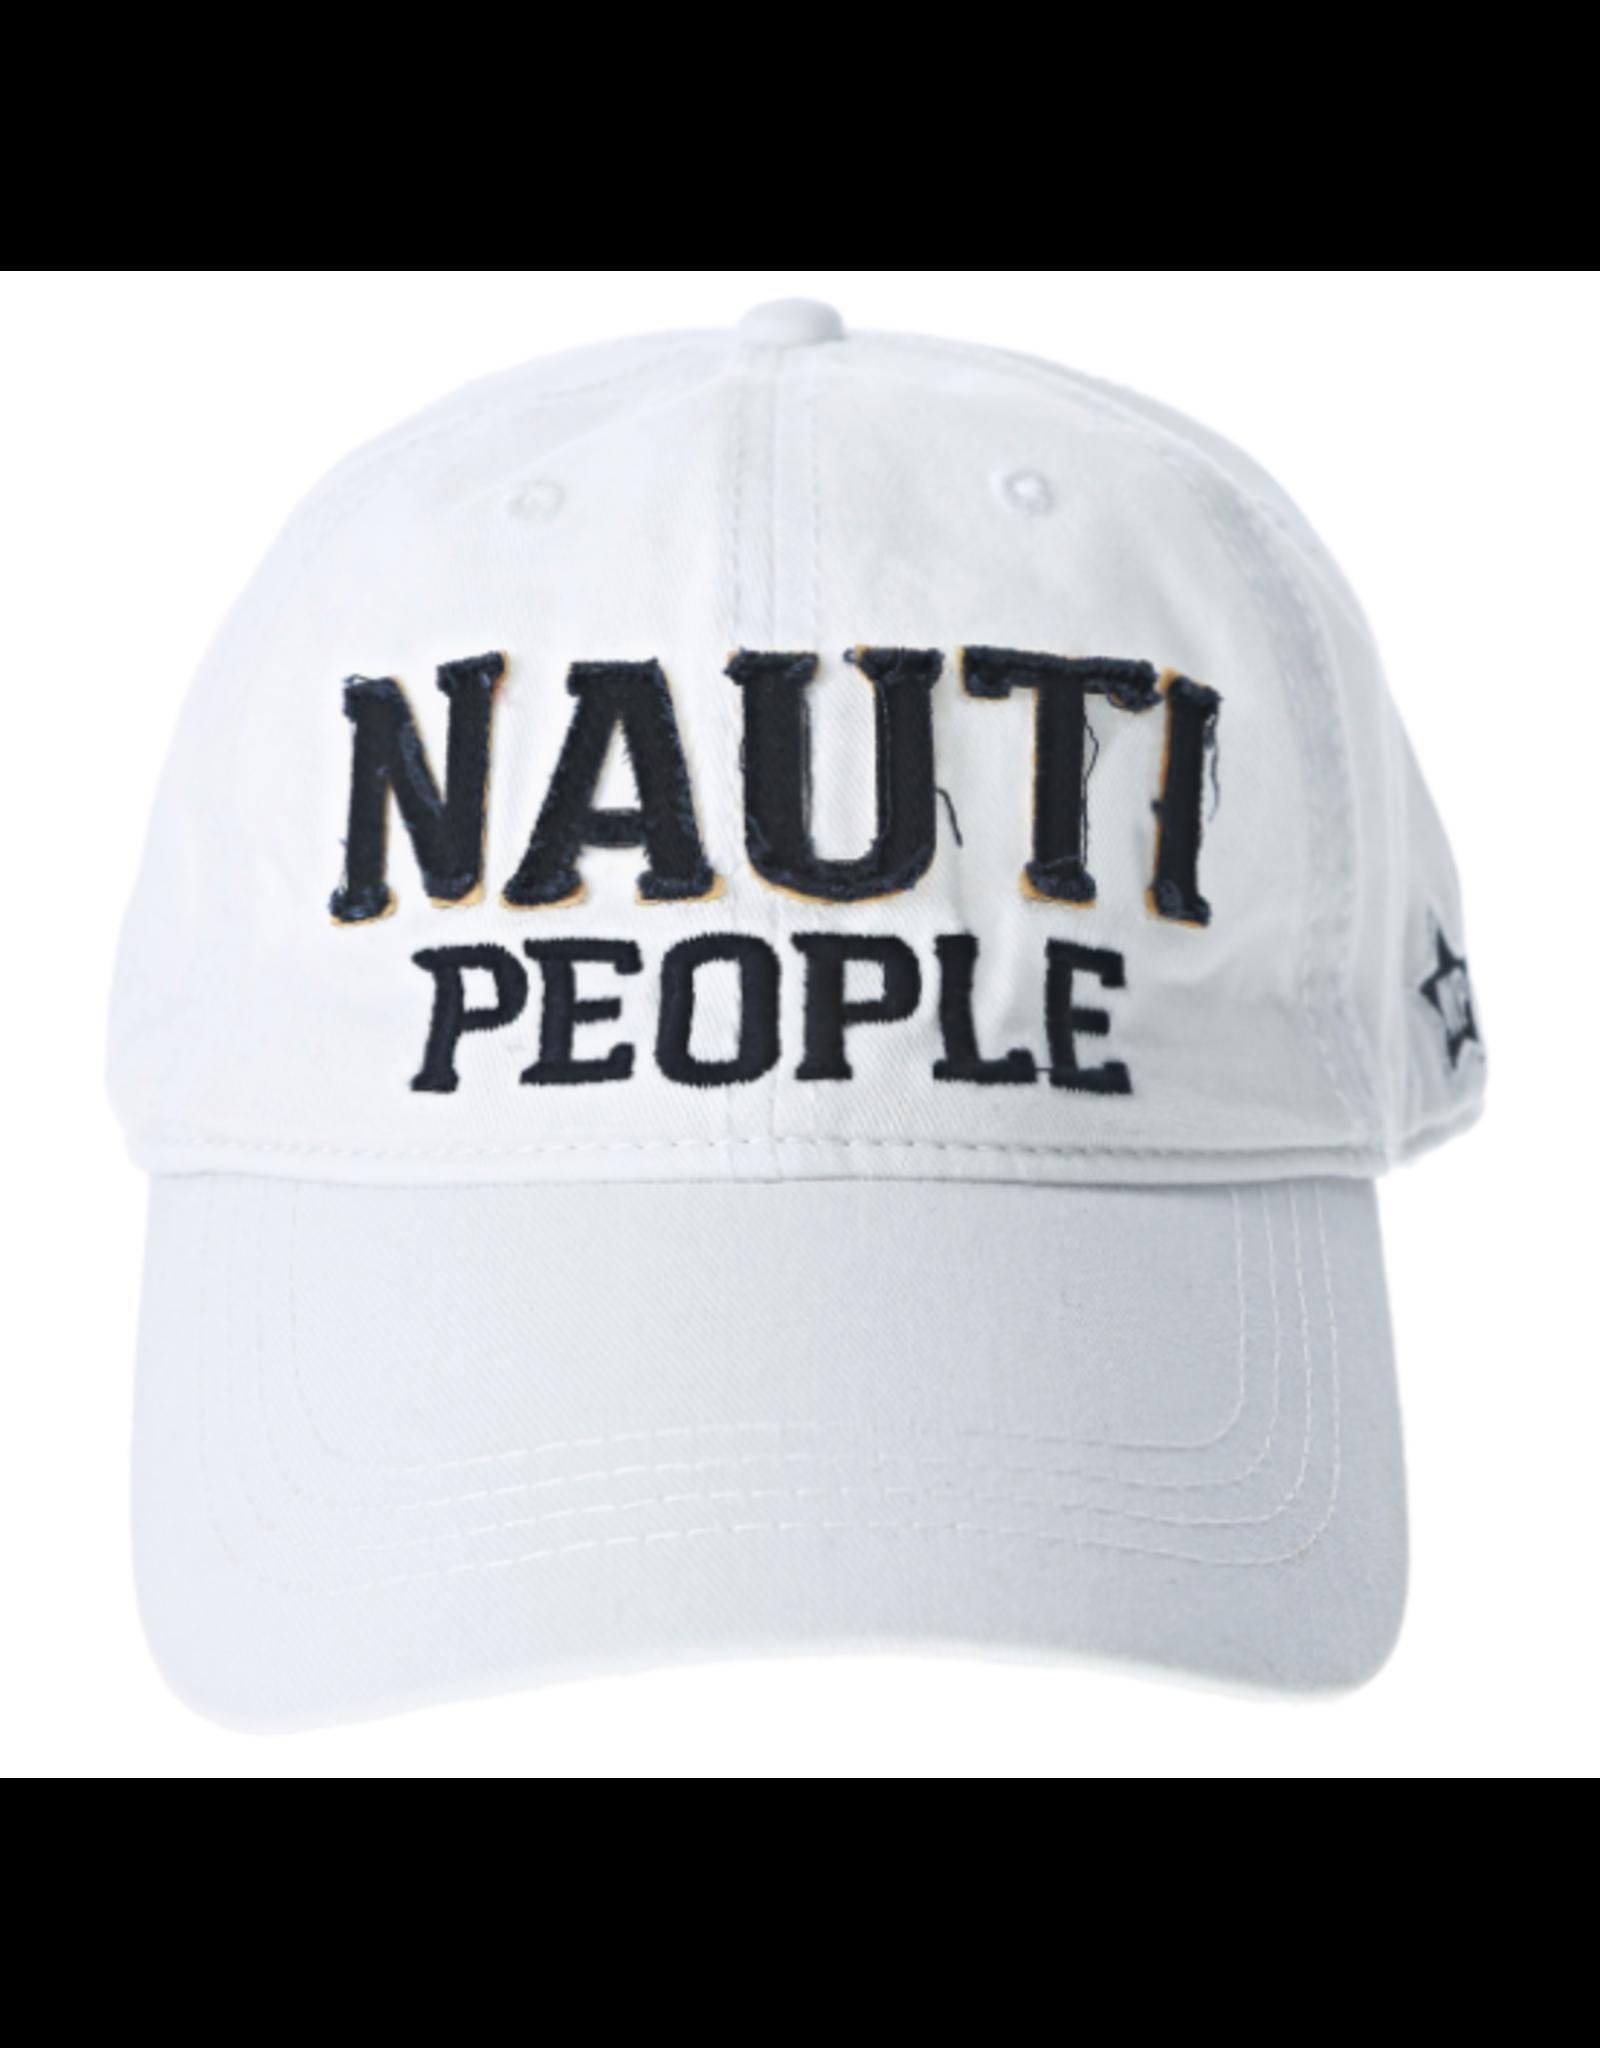 Nauti People Ball Hat, white